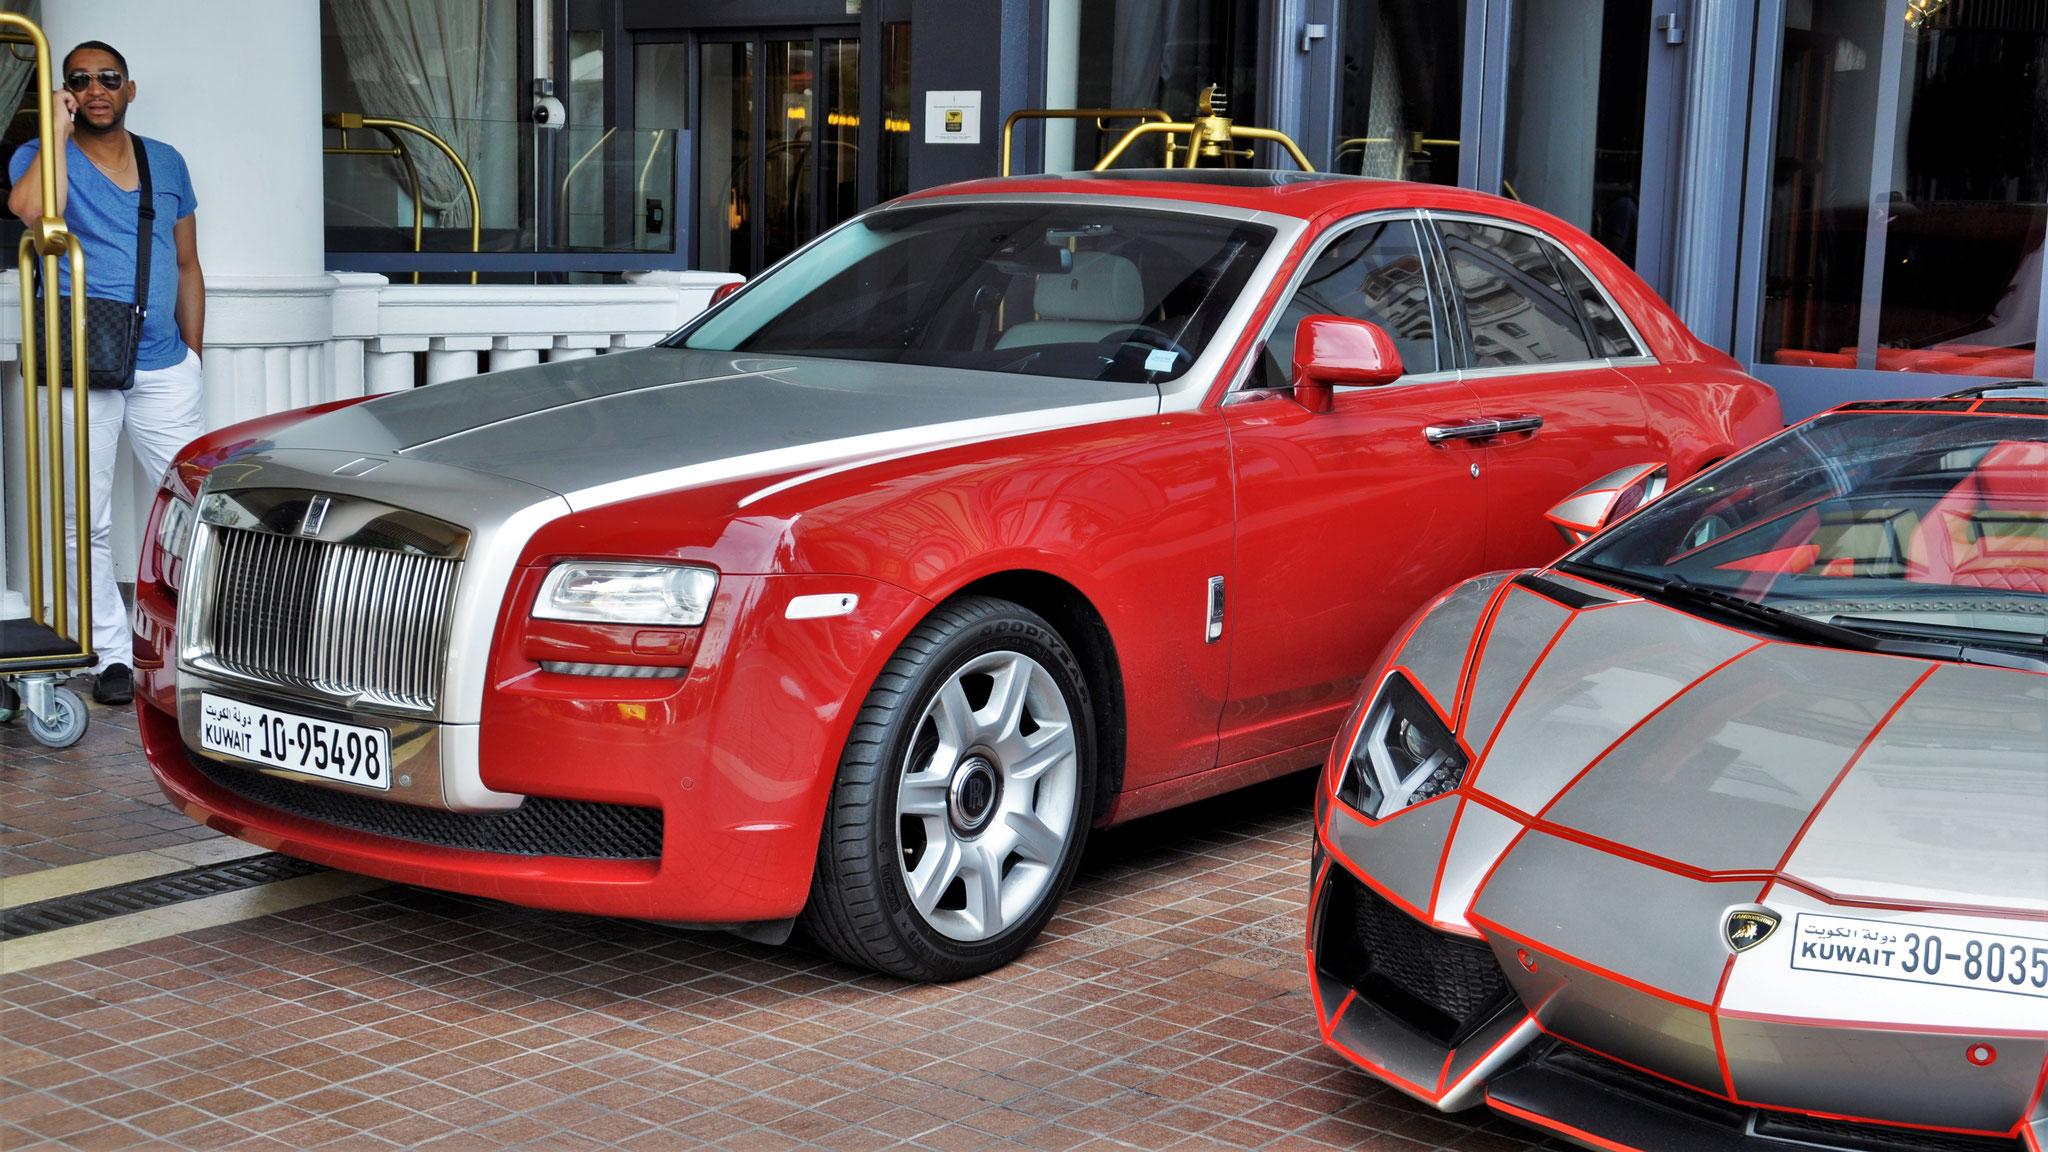 Rolls Royce Ghost - 10-95498 (KWT)